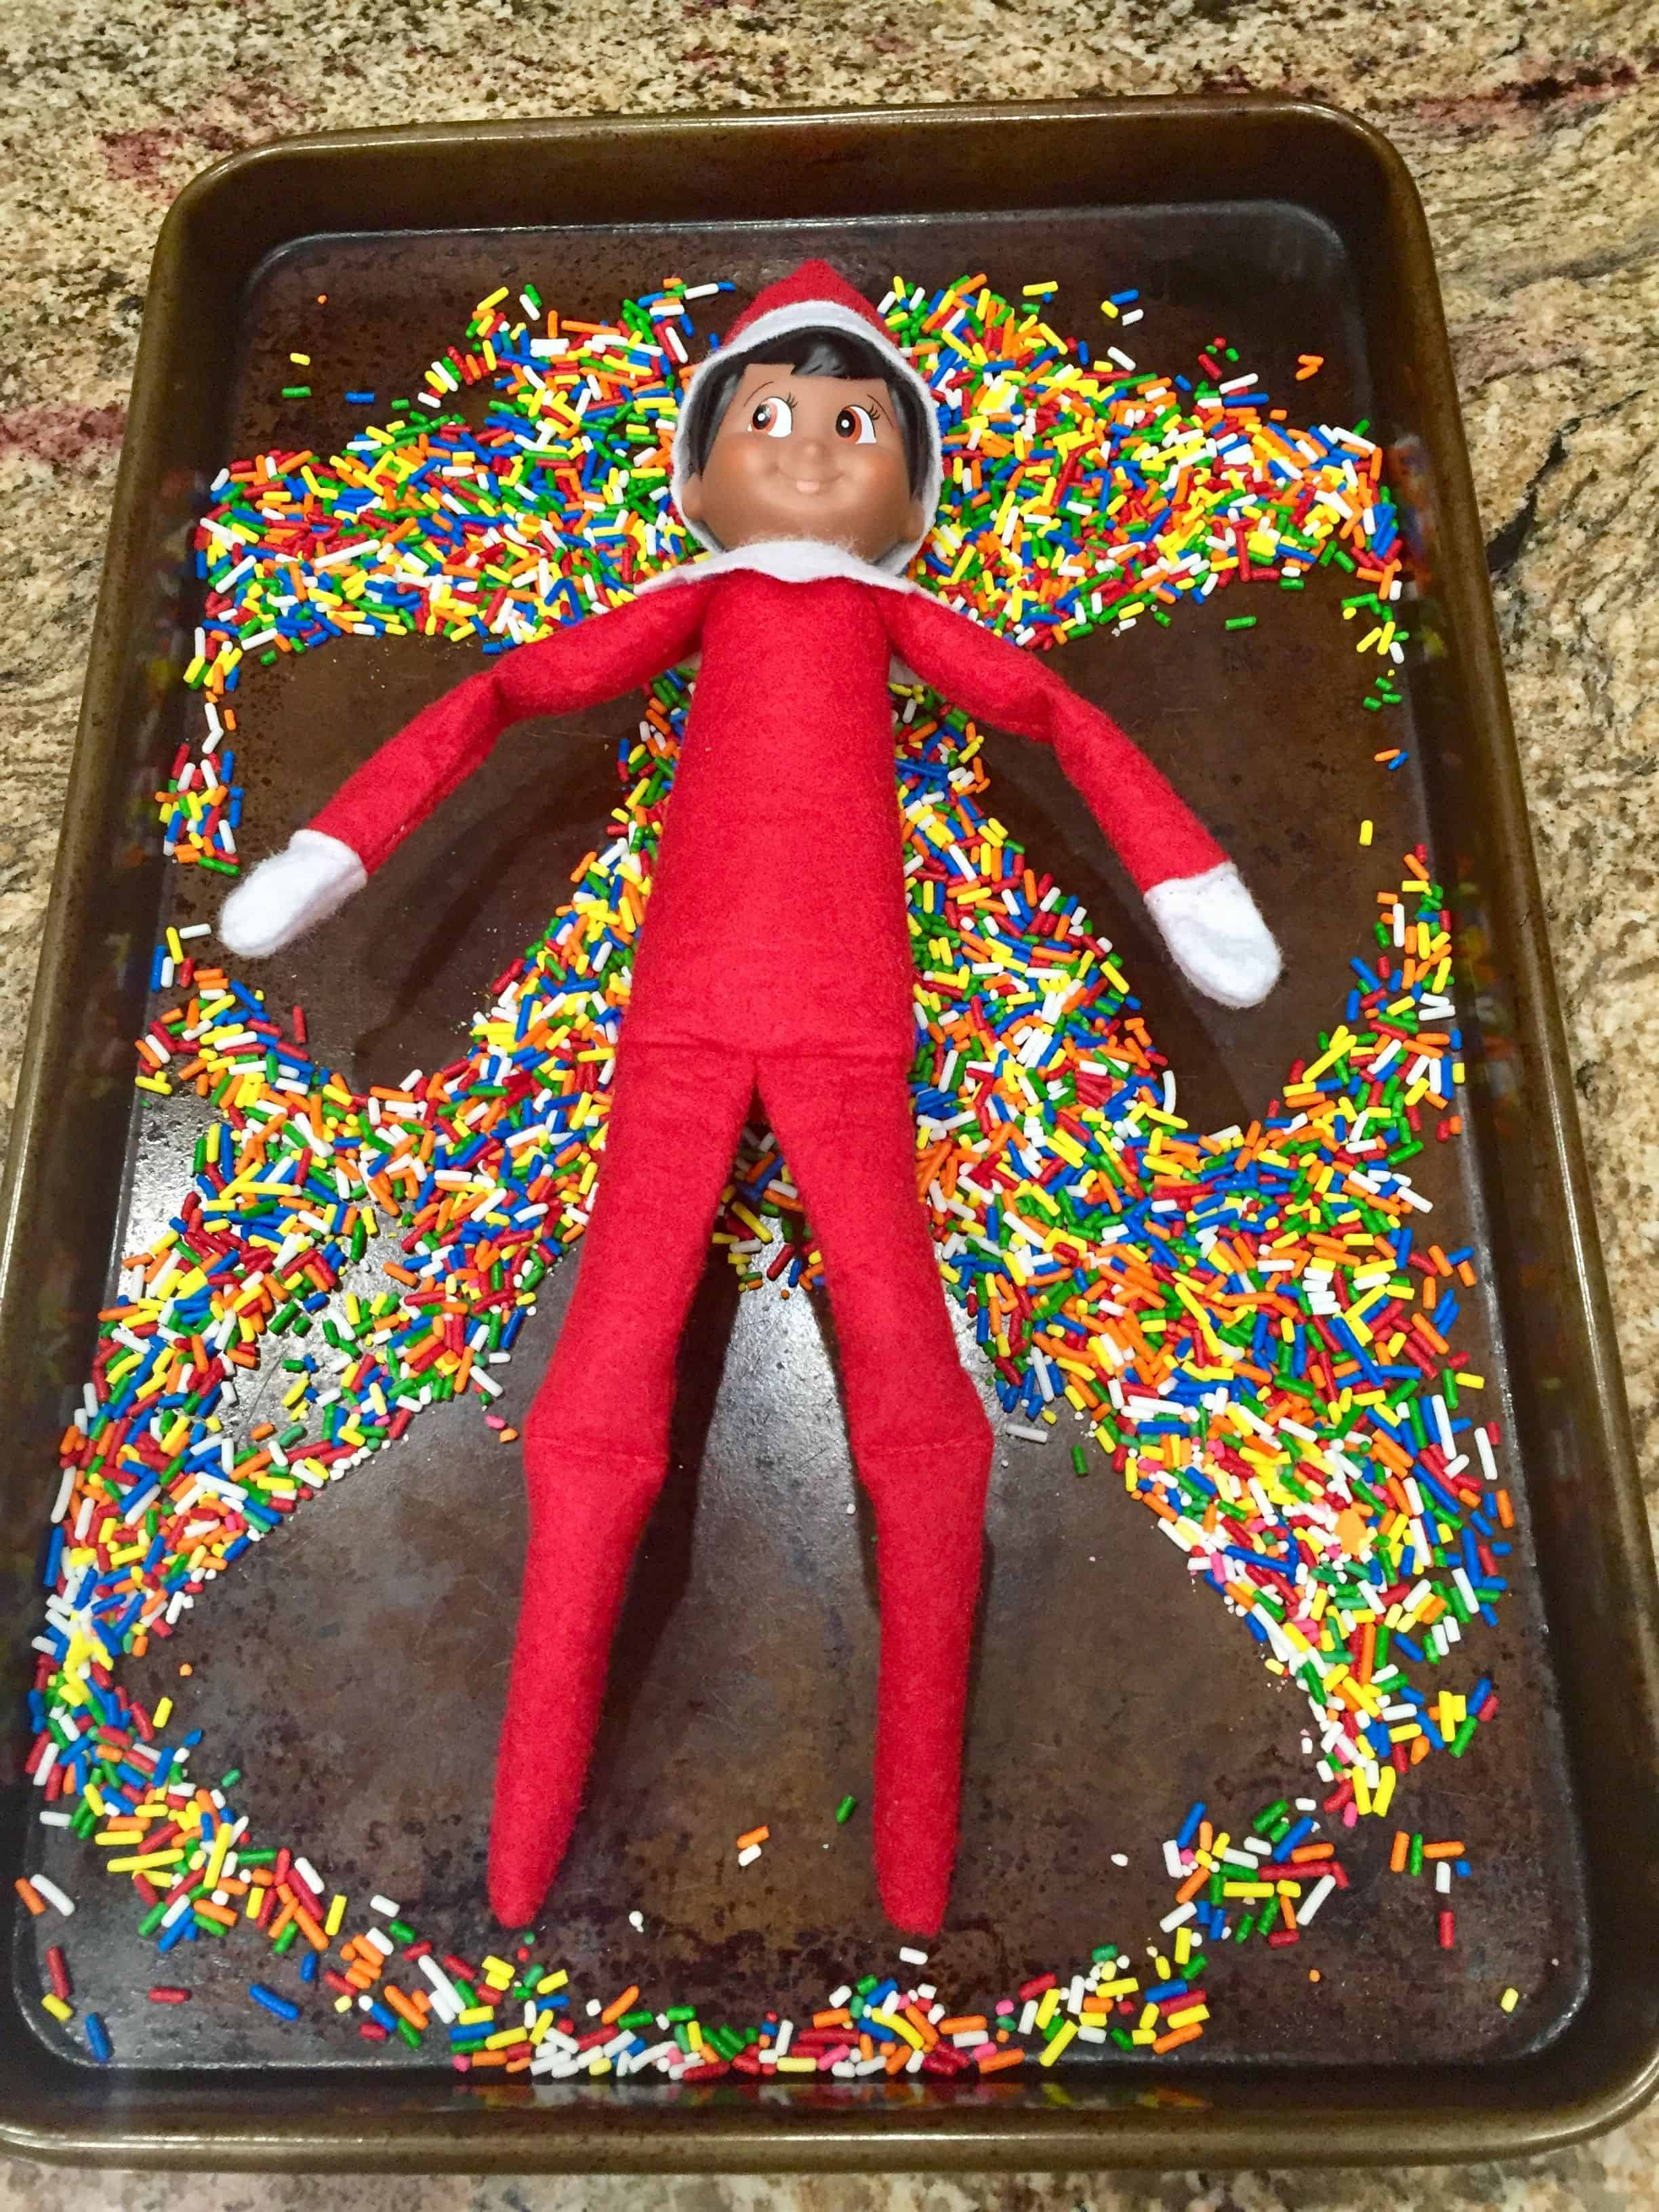 elf making a snow angel of sprinkles